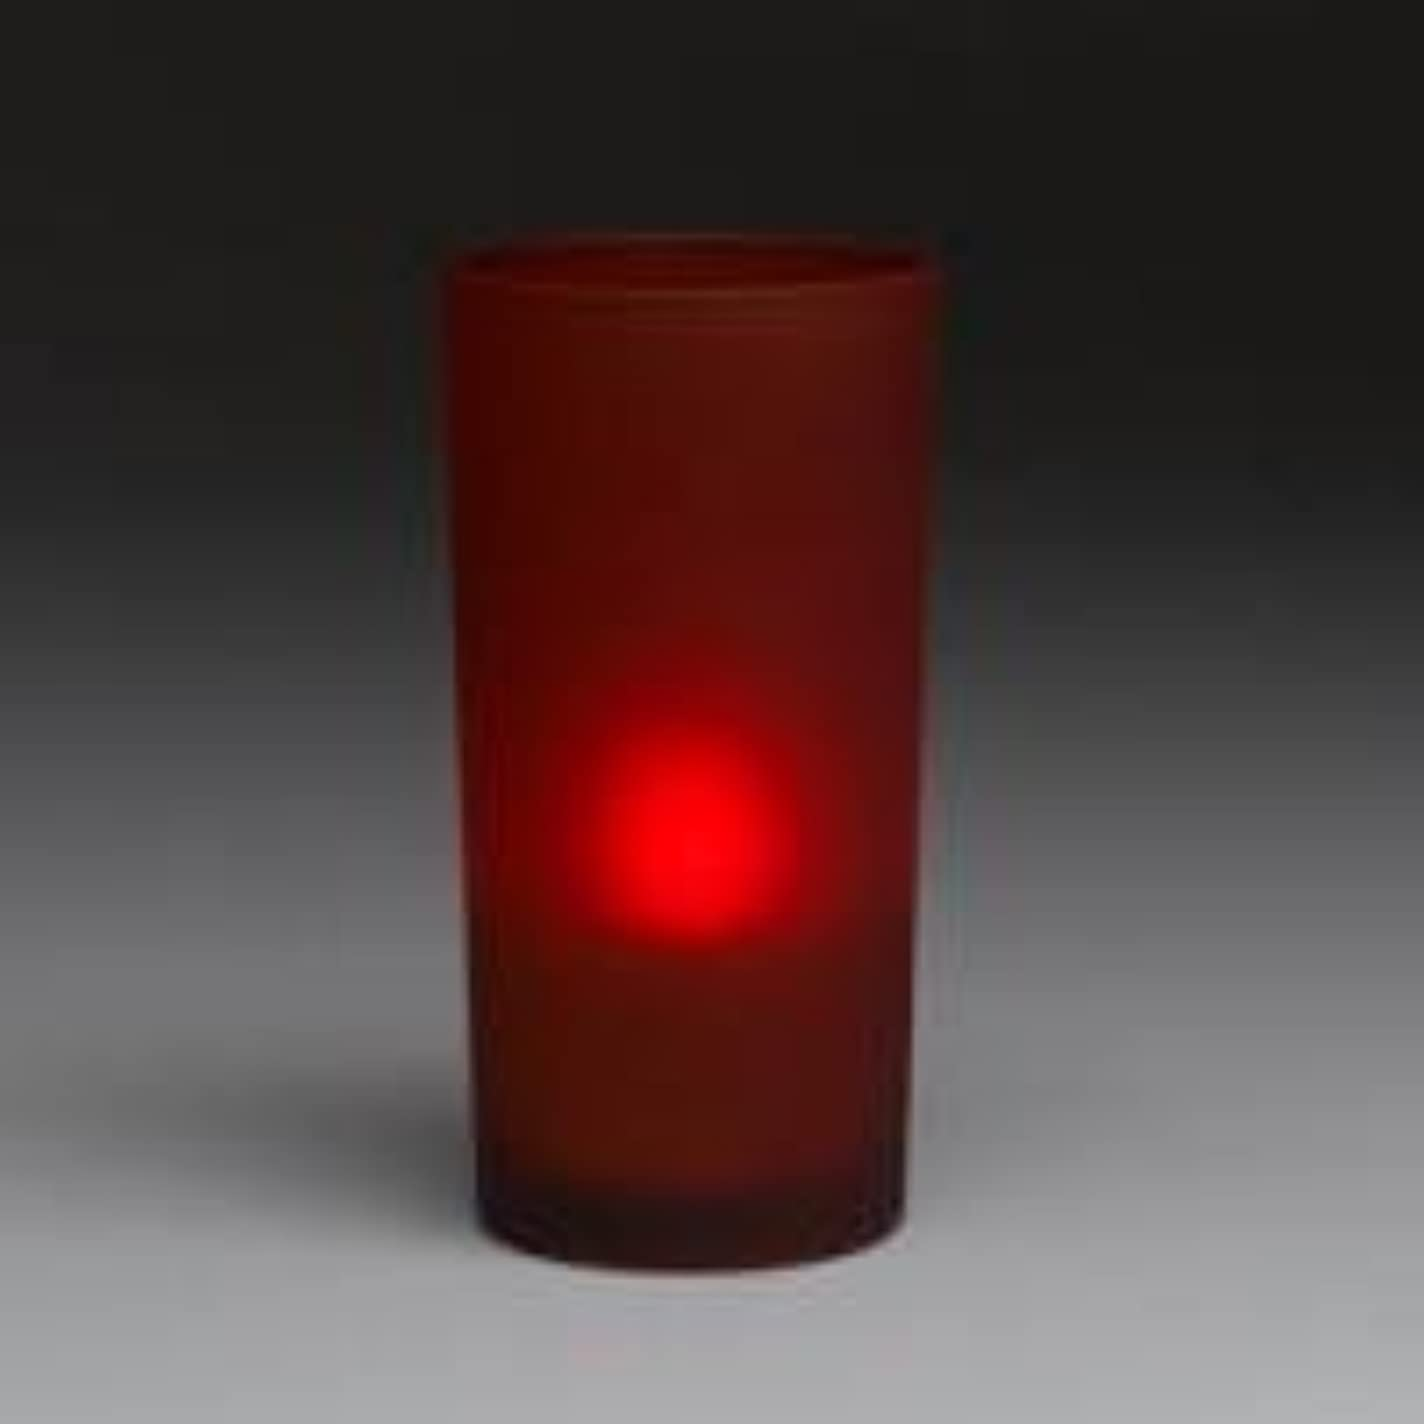 最大のはげ批判的にsmartcandle-LEDトールグラスキャンドル/レッド